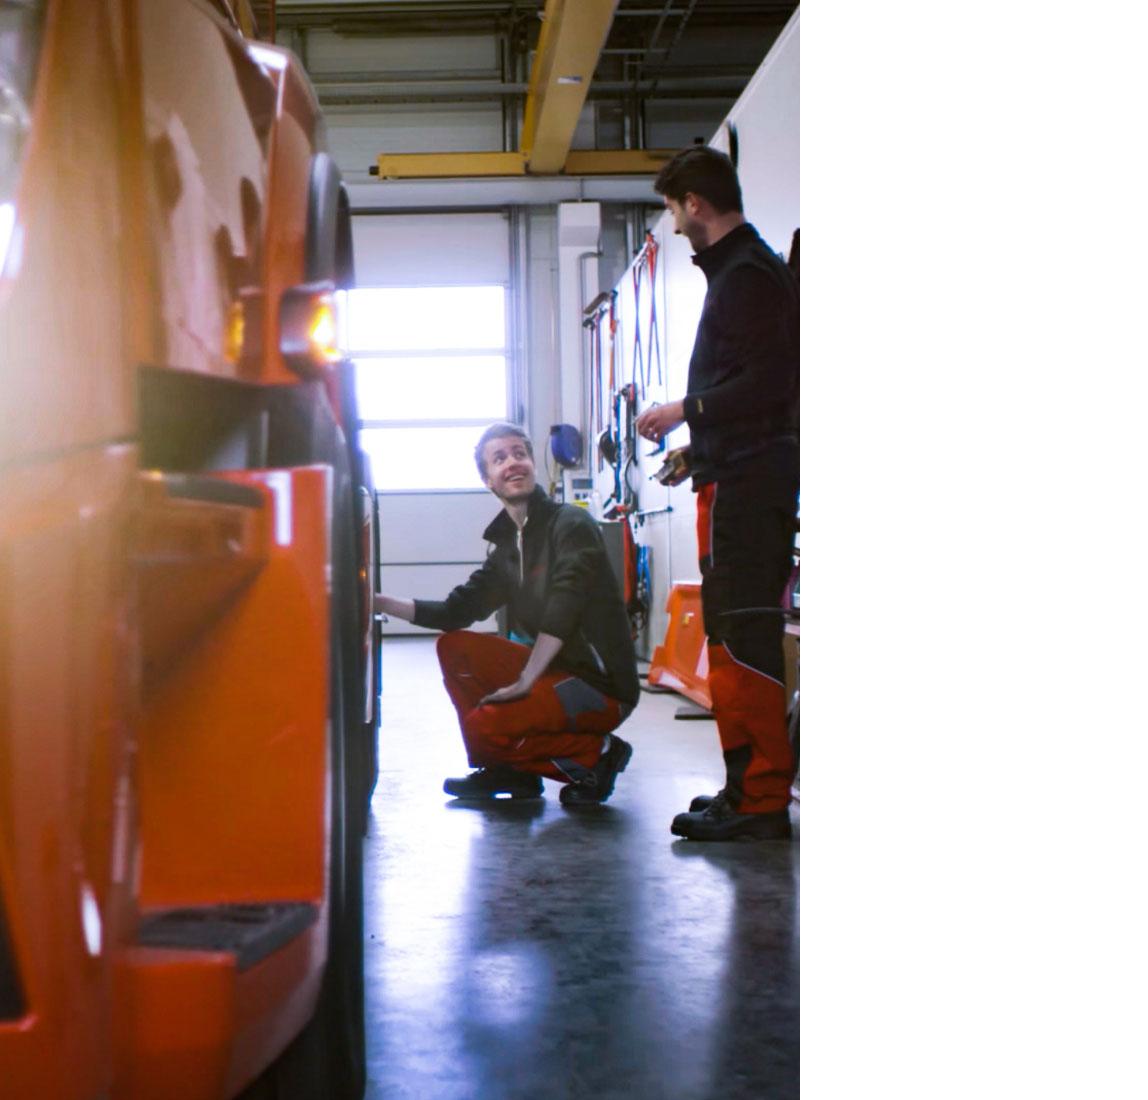 Servicemitarbeiter kniend in der Werkstatt